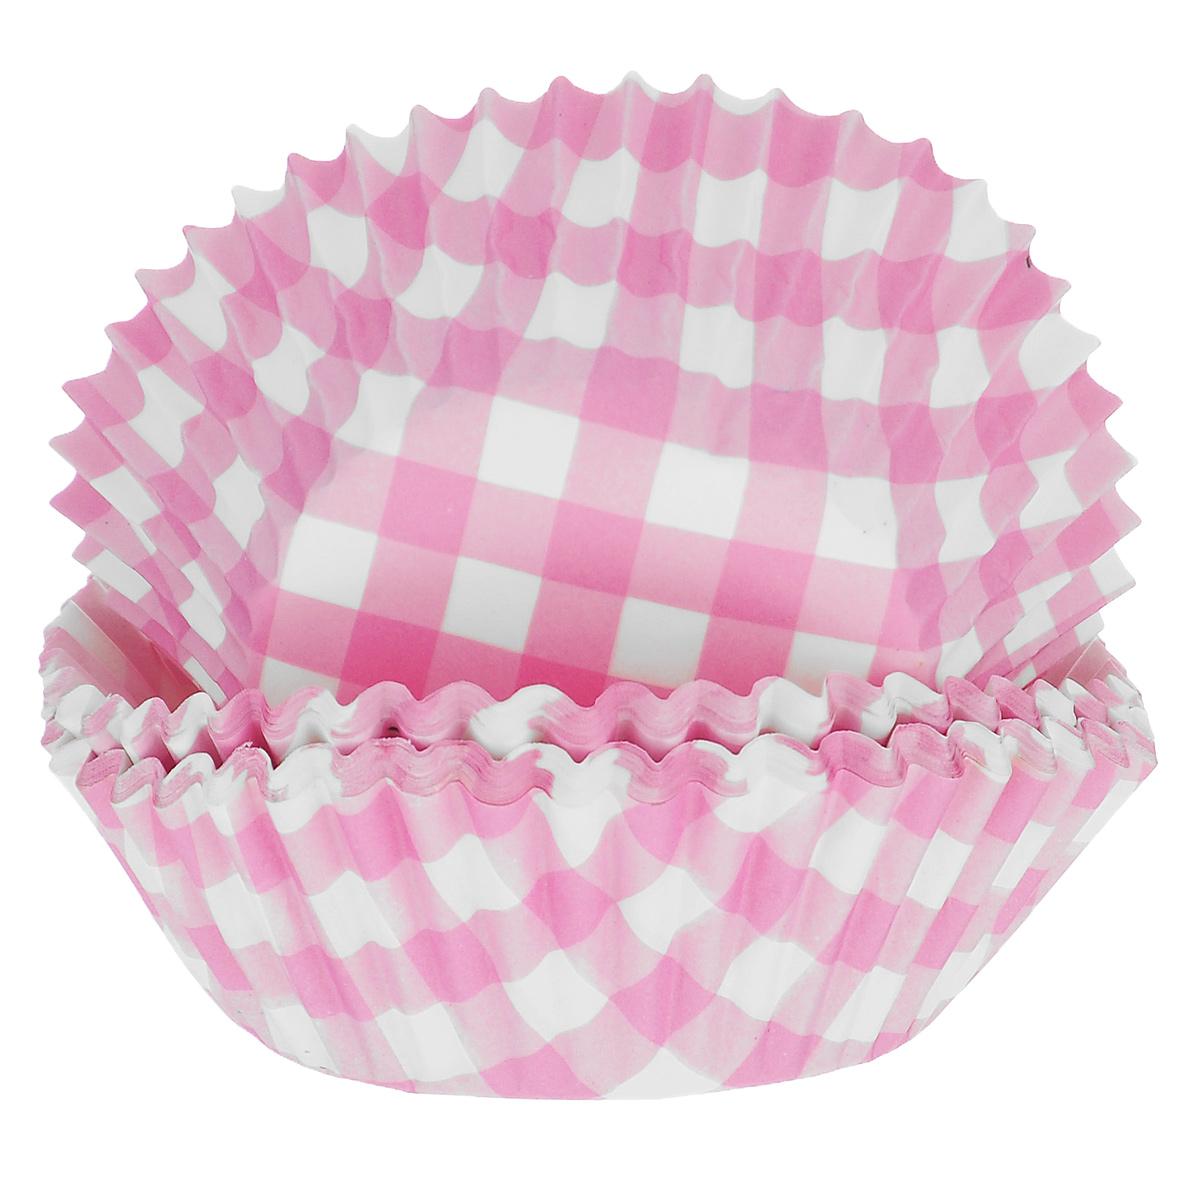 Набор бумажных форм для кексов Dolce Arti Клетка, цвет: розовый, диаметр 5 см, 50 шт94672Набор Dolce Arti Клетка состоит из 50 бумажных форм для кексов, оформленных принтом в клетку. Они предназначены для выпечки и упаковки кондитерских изделий, также могут использоваться для сервировки орешков, конфет и много другого. Для одноразового применения. Гофрированные бумажные формы идеальны для выпечки кексов, булочек и пирожных.Высота стенки: 3 см. Диаметр (по верхнему краю): 7 см.